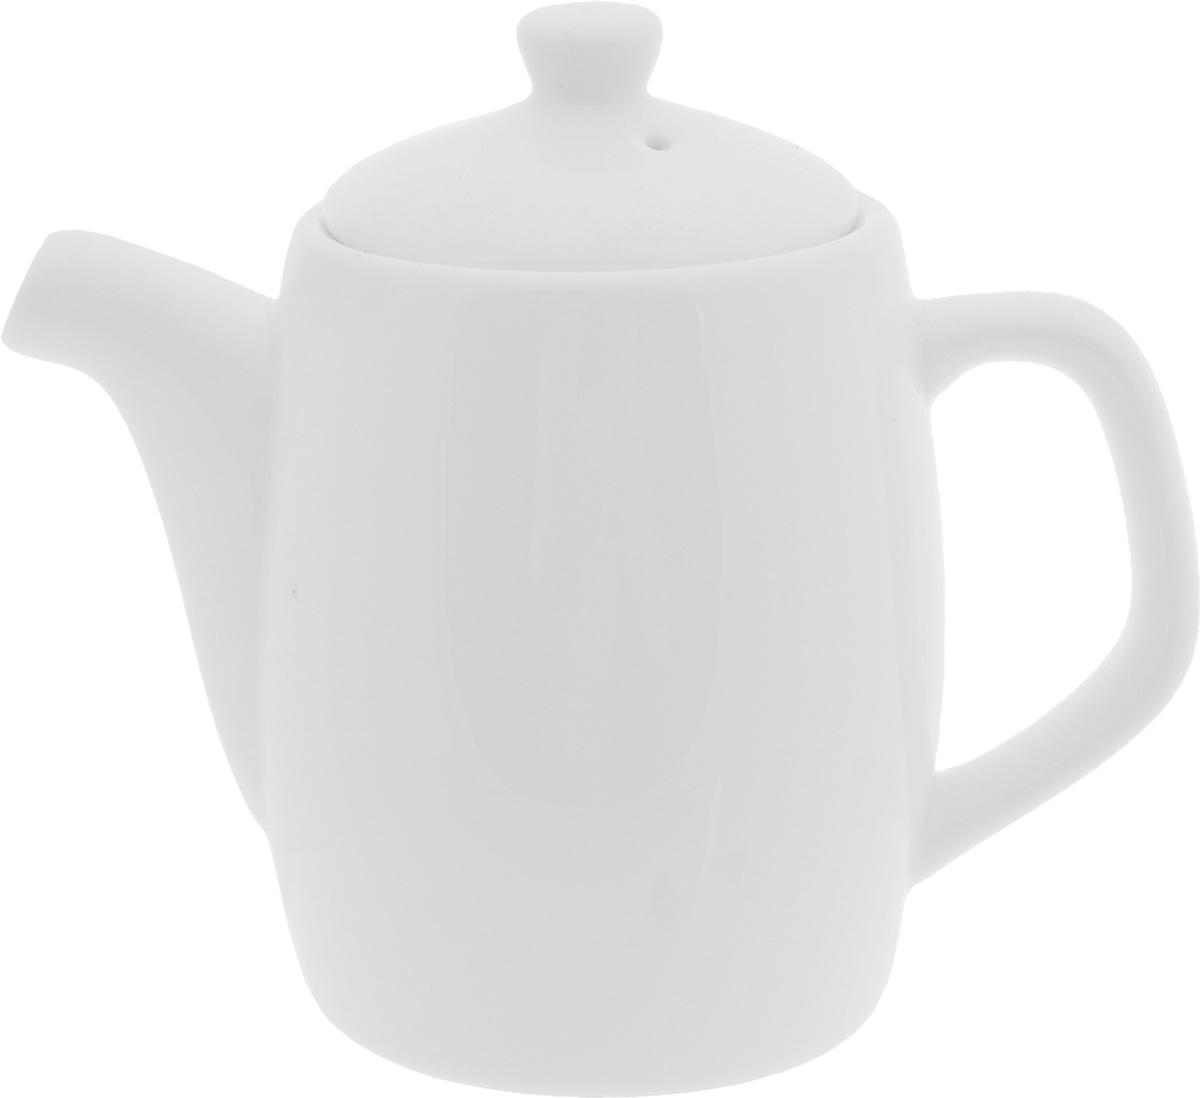 Чайник заварочный Wilmax, 350 млWL-994005 / 1CЗаварочный чайник Wilmax изготовлен из высококачественного фарфора. Глазурованное покрытие обеспечивает легкую очистку. Изделие прекрасно подходит для заваривания вкусного и ароматного чая, а также травяных настоев. Ситечко в основании носика препятствует попаданию чаинок в чашку. Оригинальный дизайн сделает чайник настоящим украшением стола. Он удобен в использовании и понравится каждому.Можно мыть в посудомоечной машине и использовать в микроволновой печи. Диаметр чайника (по верхнему краю): 7 см. Высота чайника (без учета крышки): 10 см.